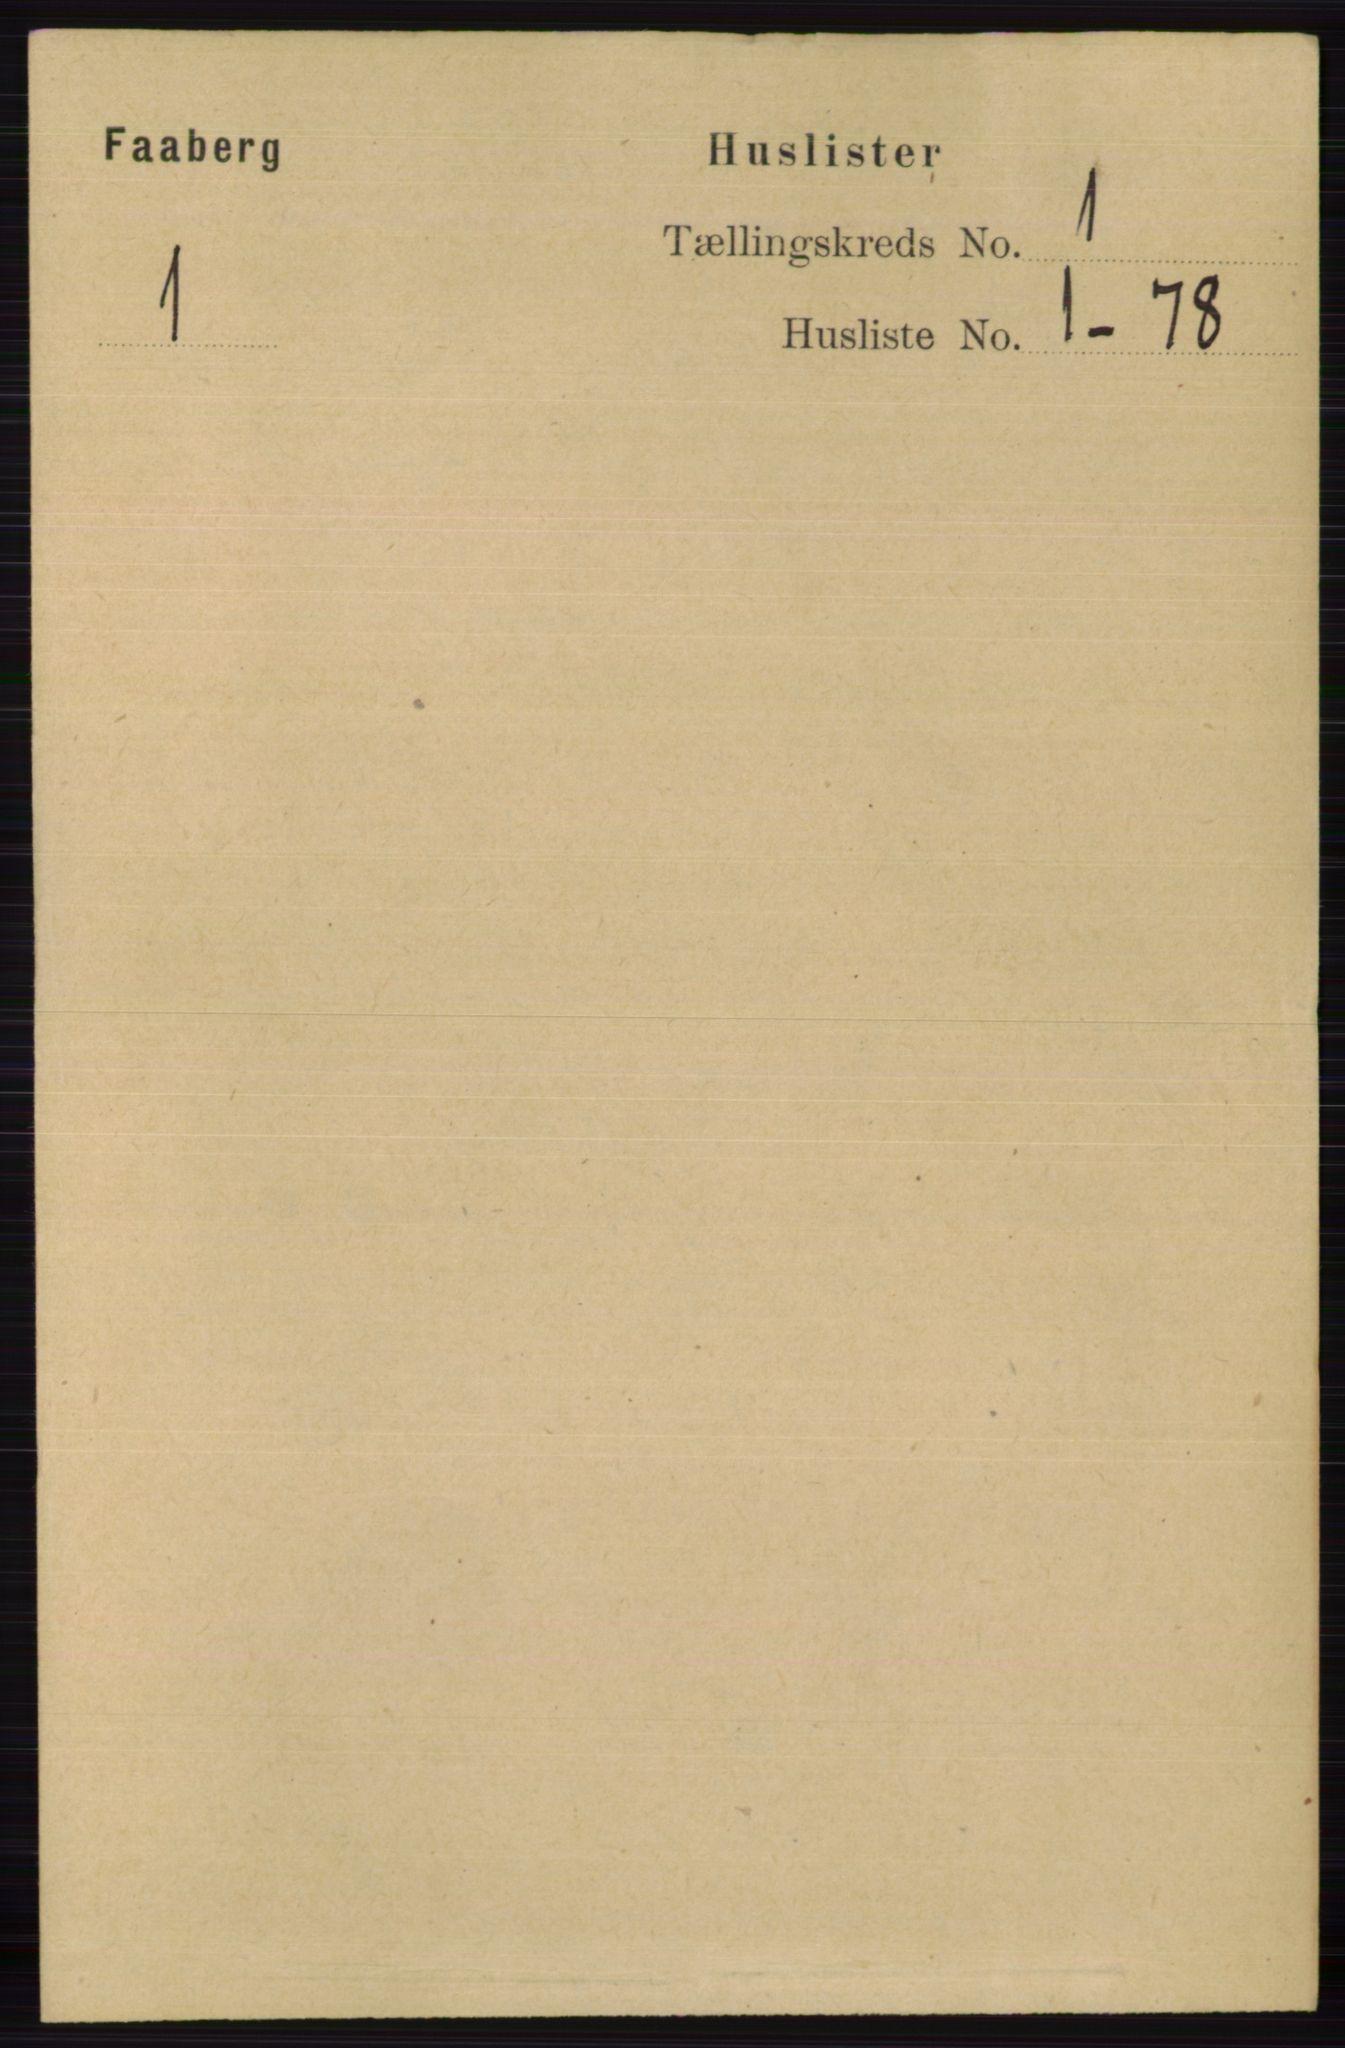 RA, Folketelling 1891 for 0524 Fåberg herred, 1891, s. 37